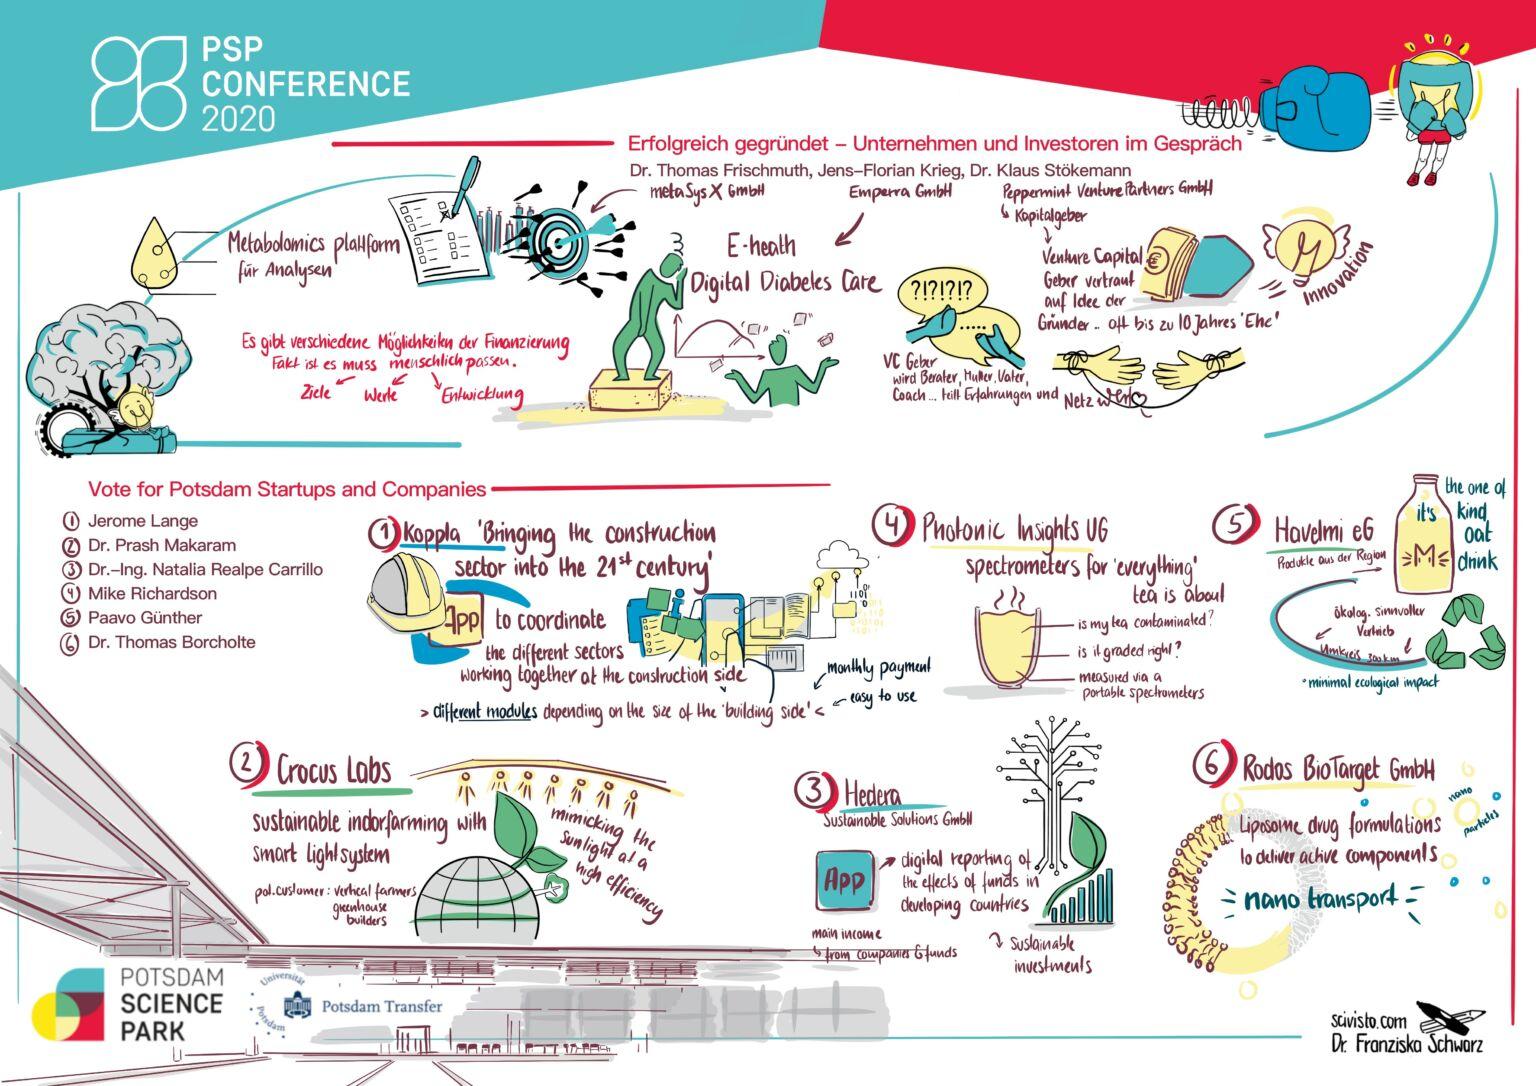 PSP Conference 2020 - Erfolgreich gegründet: Unternehmen und Investoren im Gespräch, Graphic Recording